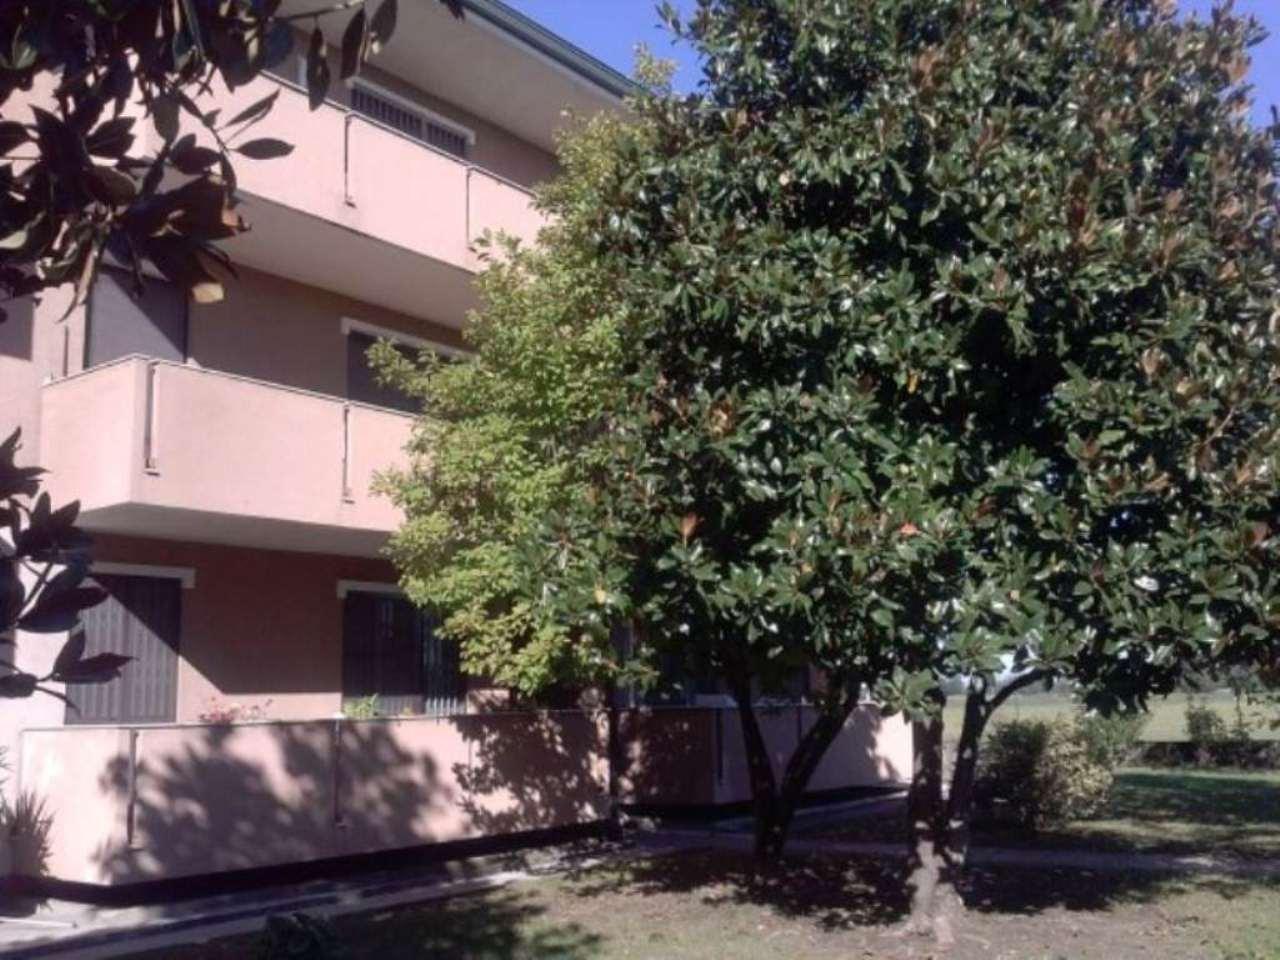 Appartamento in vendita a Colturano, 3 locali, prezzo € 125.000 | Cambio Casa.it